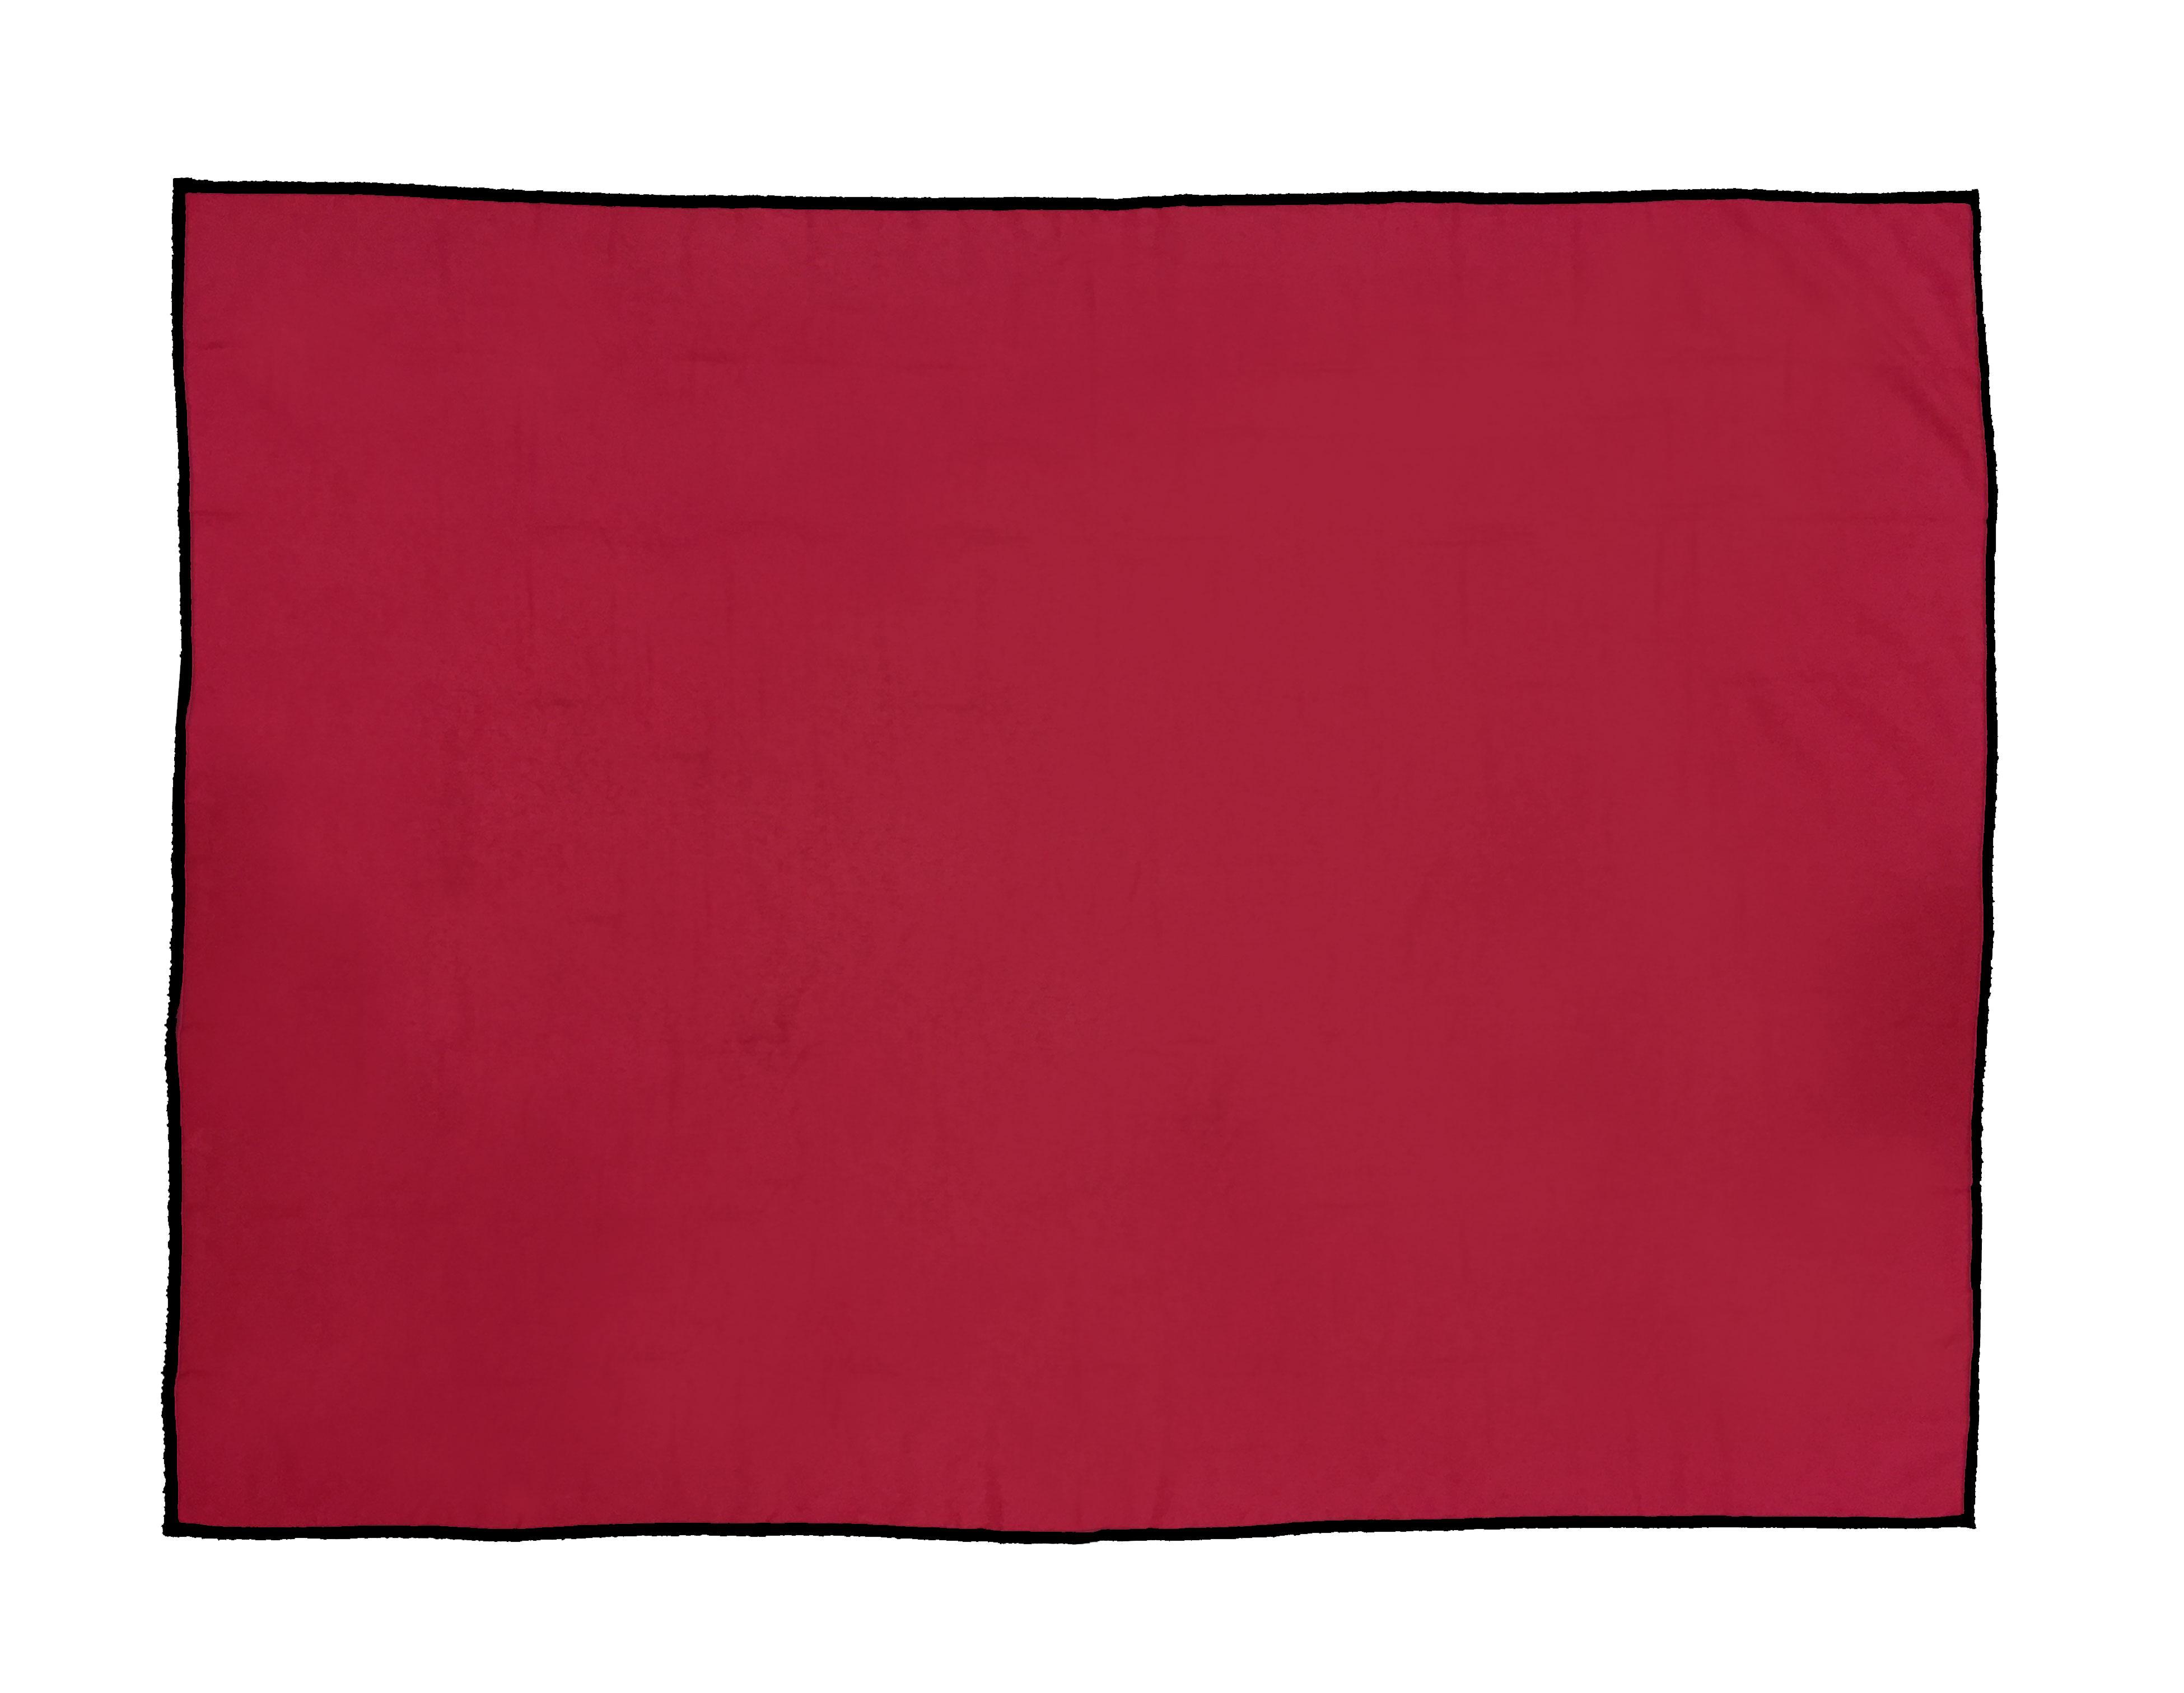 SR4560_red